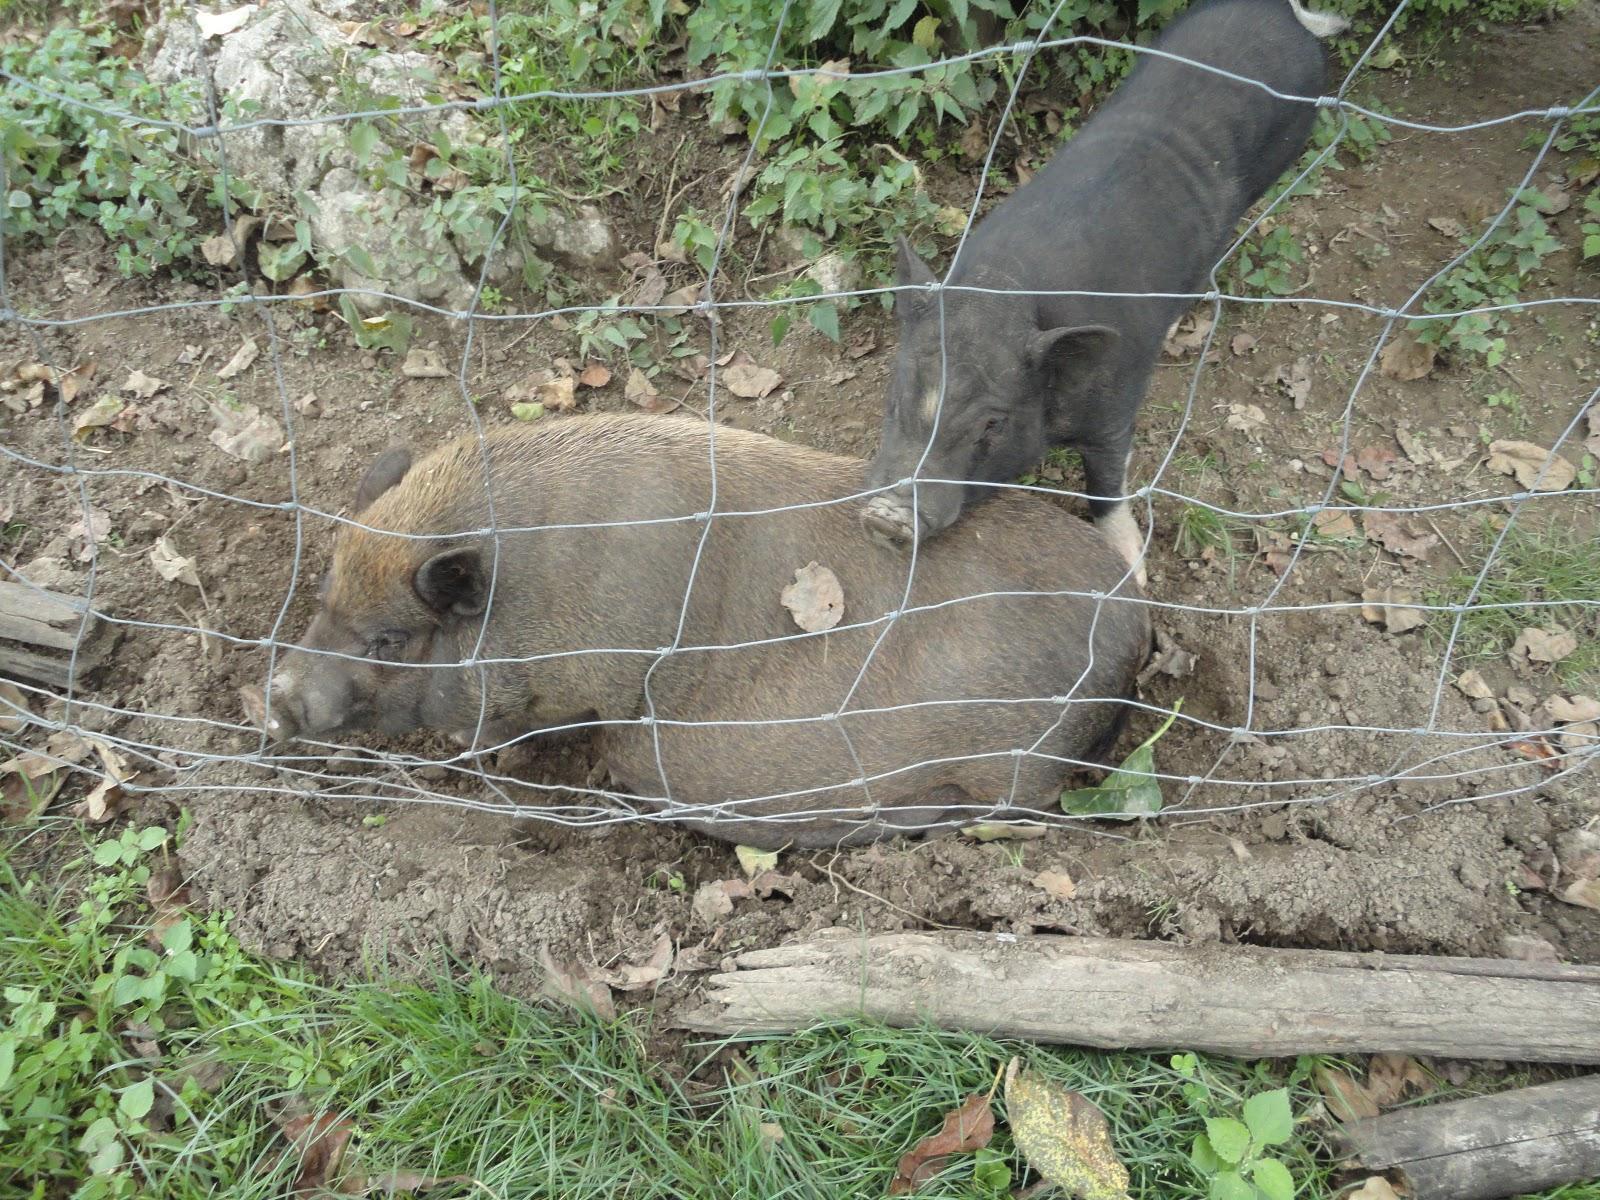 Bardo lusevera benecia dintorni news foto dal ranch di for Piccoli progetti di ranch